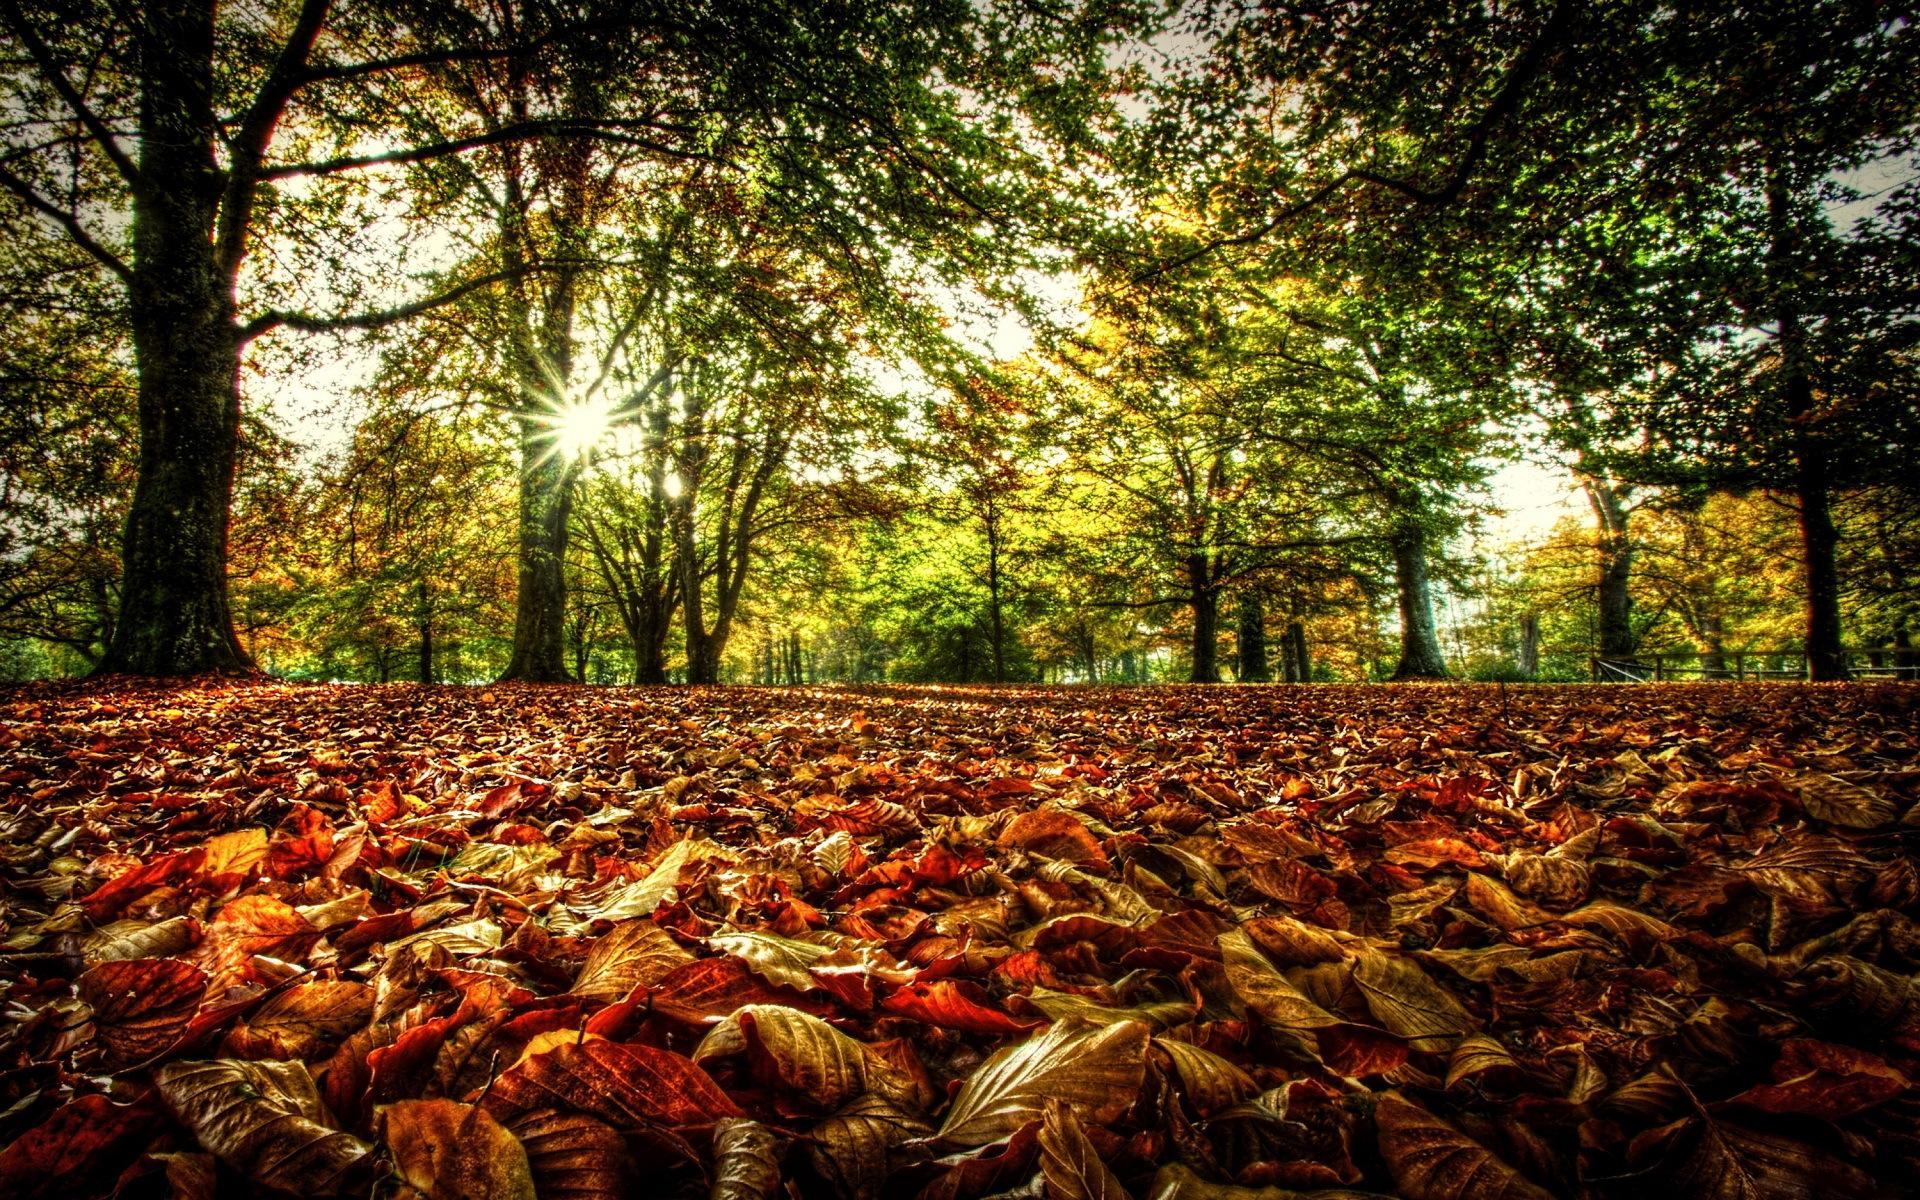 осень, листопад, листья